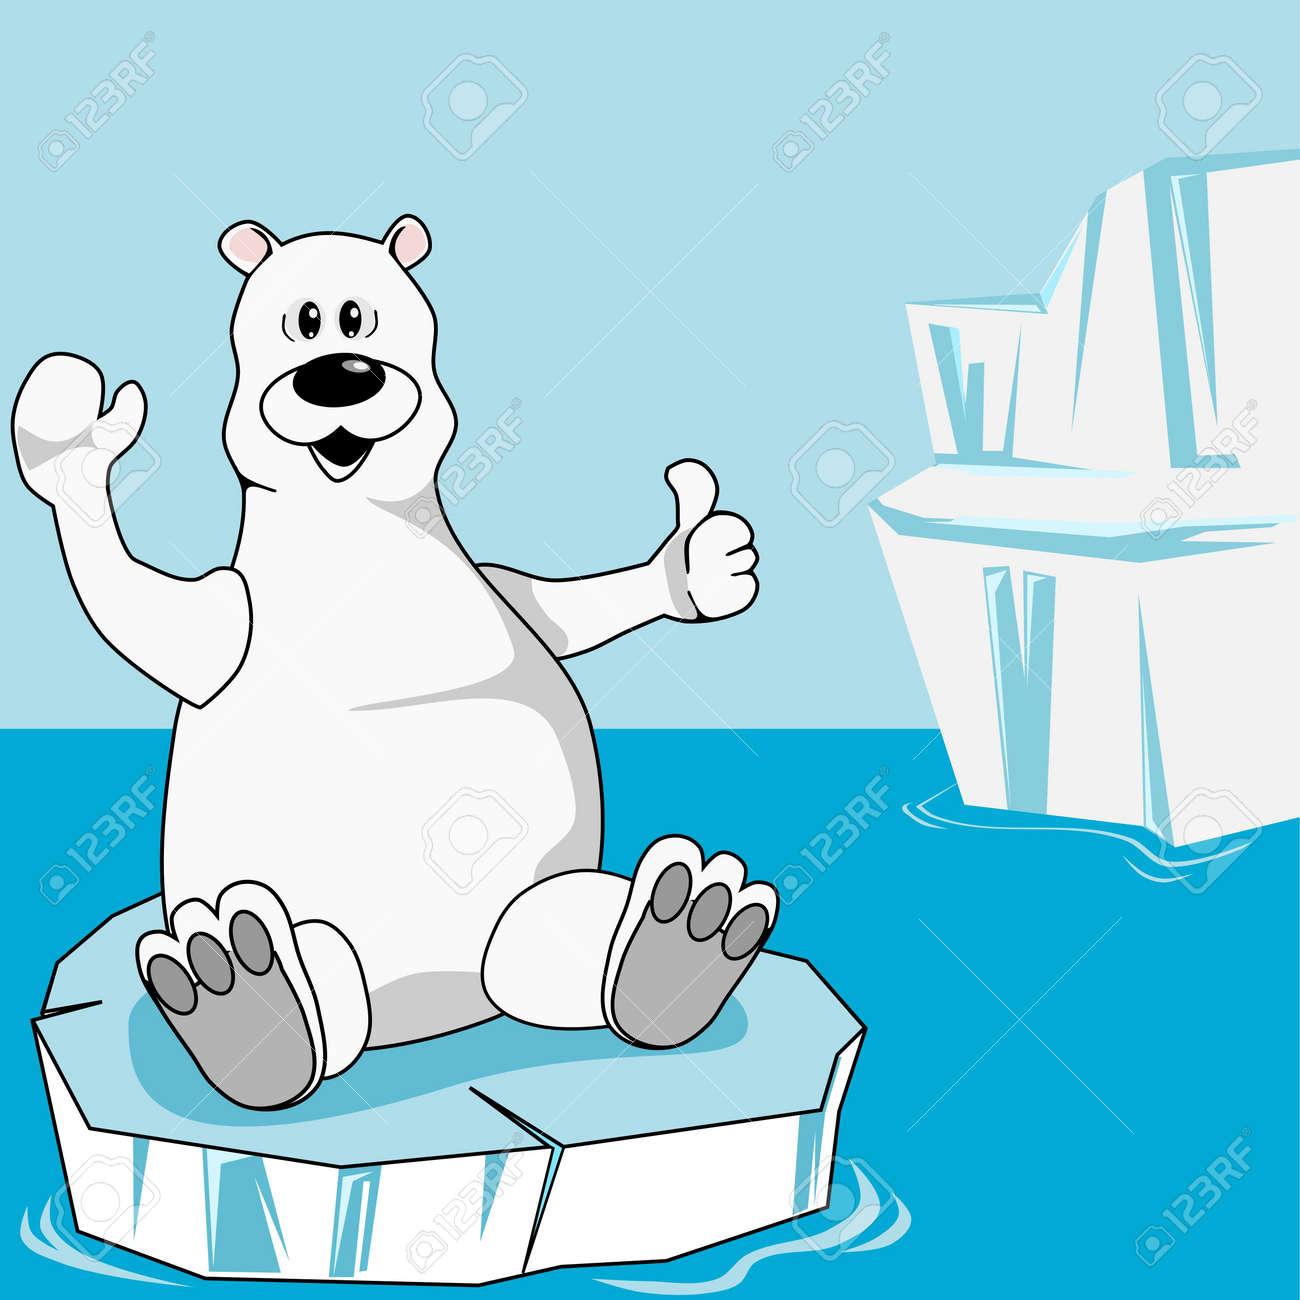 Polar bear on an ice floe Stock Vector - 9597824